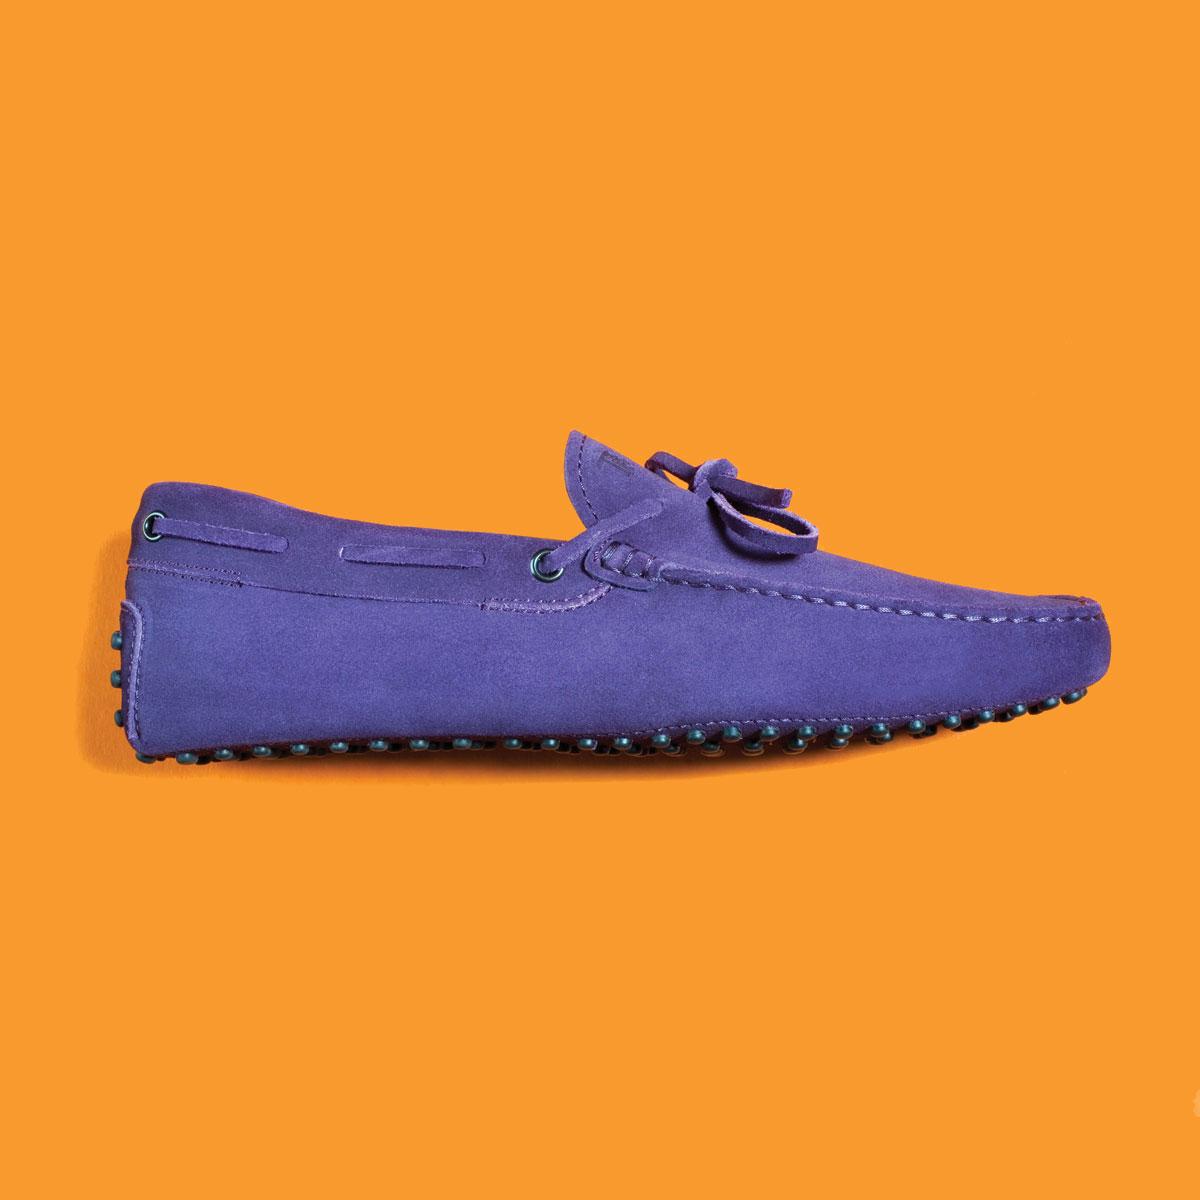 m08-accessoires-loafer-tods-holt-renfrew